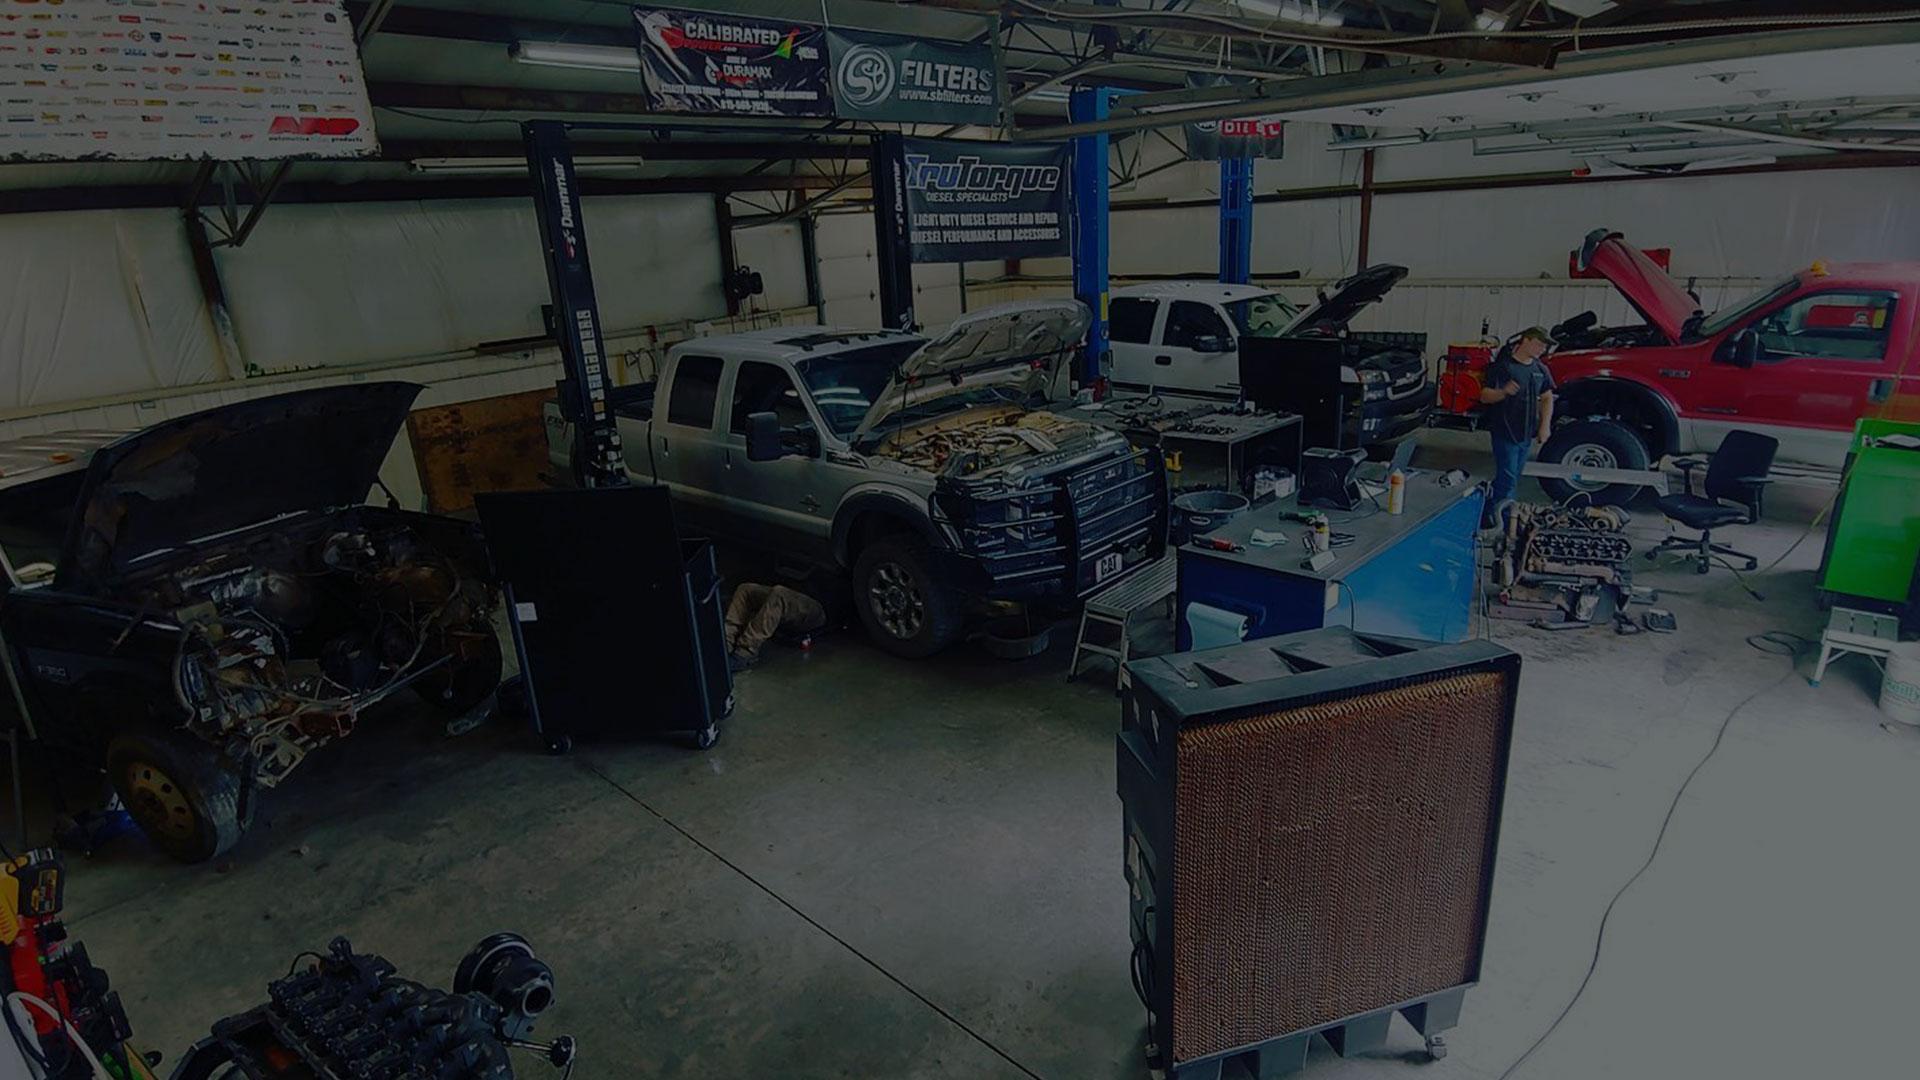 Athens Diesel Truck Repair, Diesel Mechanic and Diesel Engine Repair